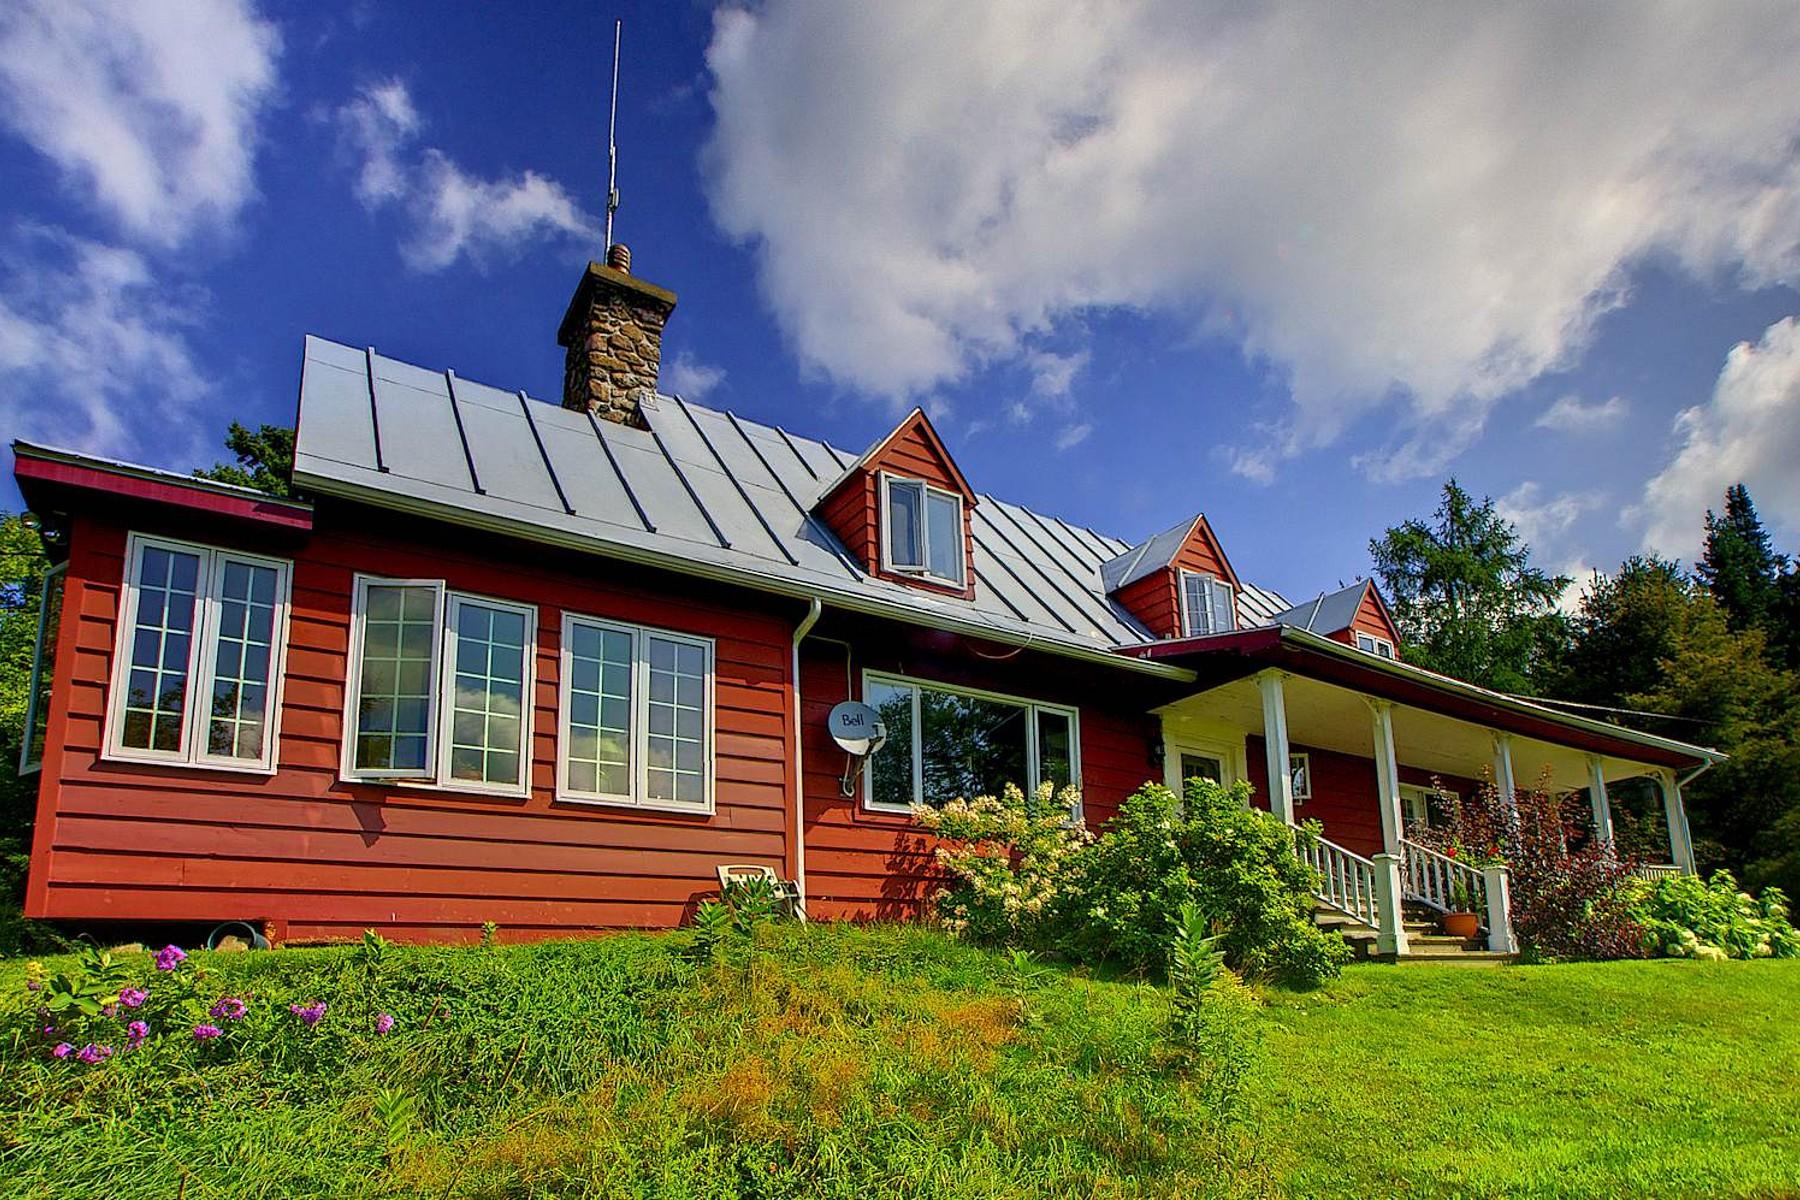 Single Family Home for Sale at Sainte-Anne-des-Lacs, Laurentides 1047 Ch. de Ste-Anne-des-Lacs Sainte-Anne-Des-Lacs, Quebec, J0R1B0 Canada